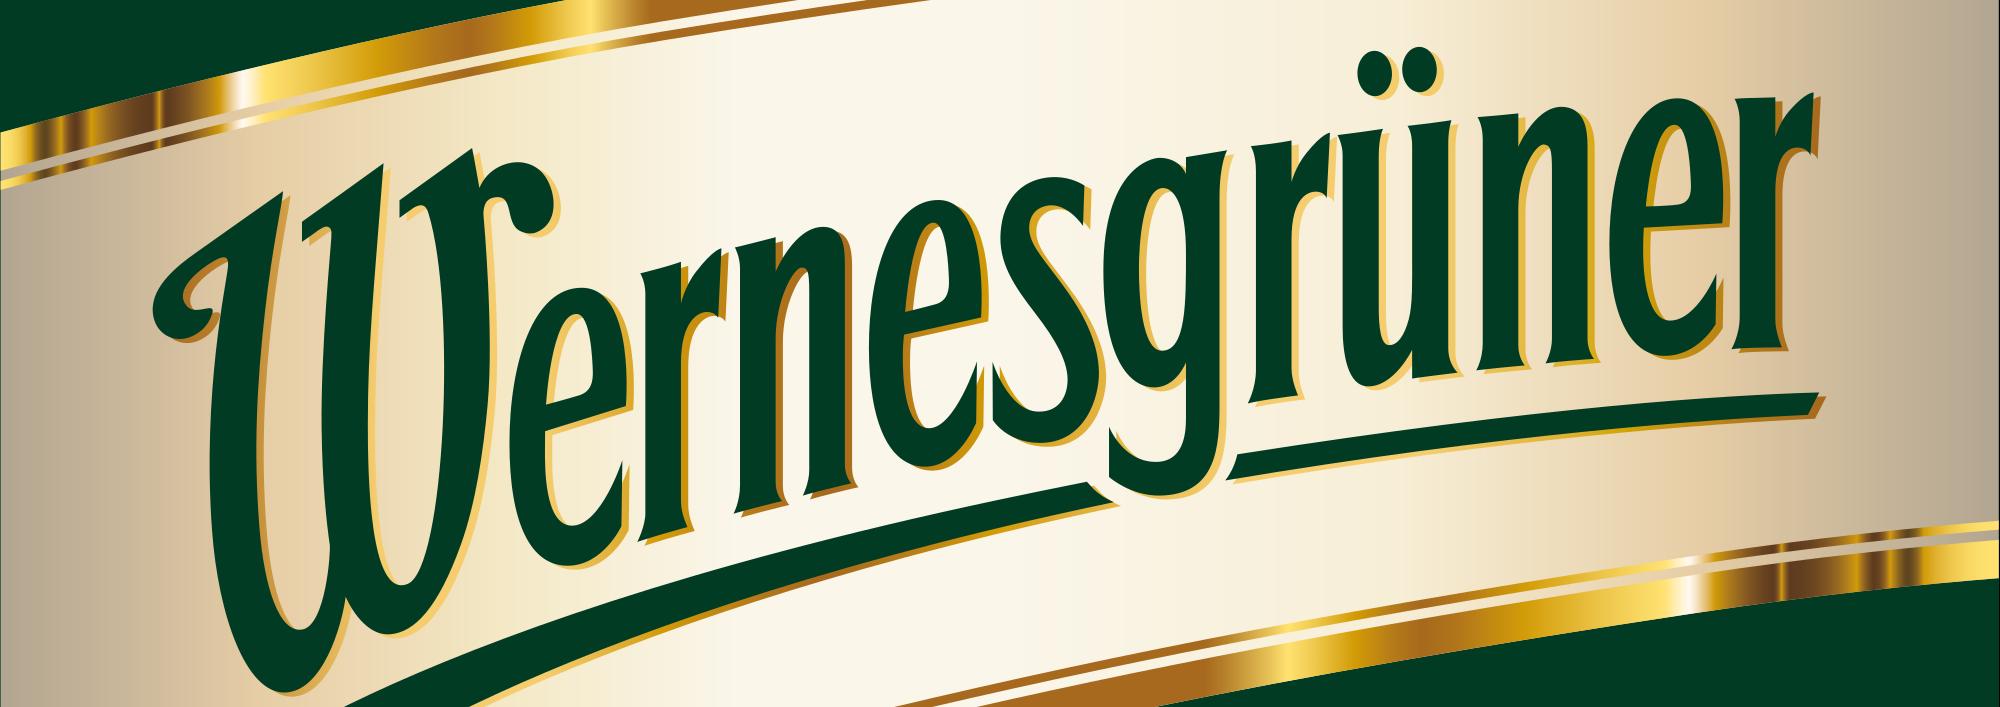 Wernesgrüner Bier